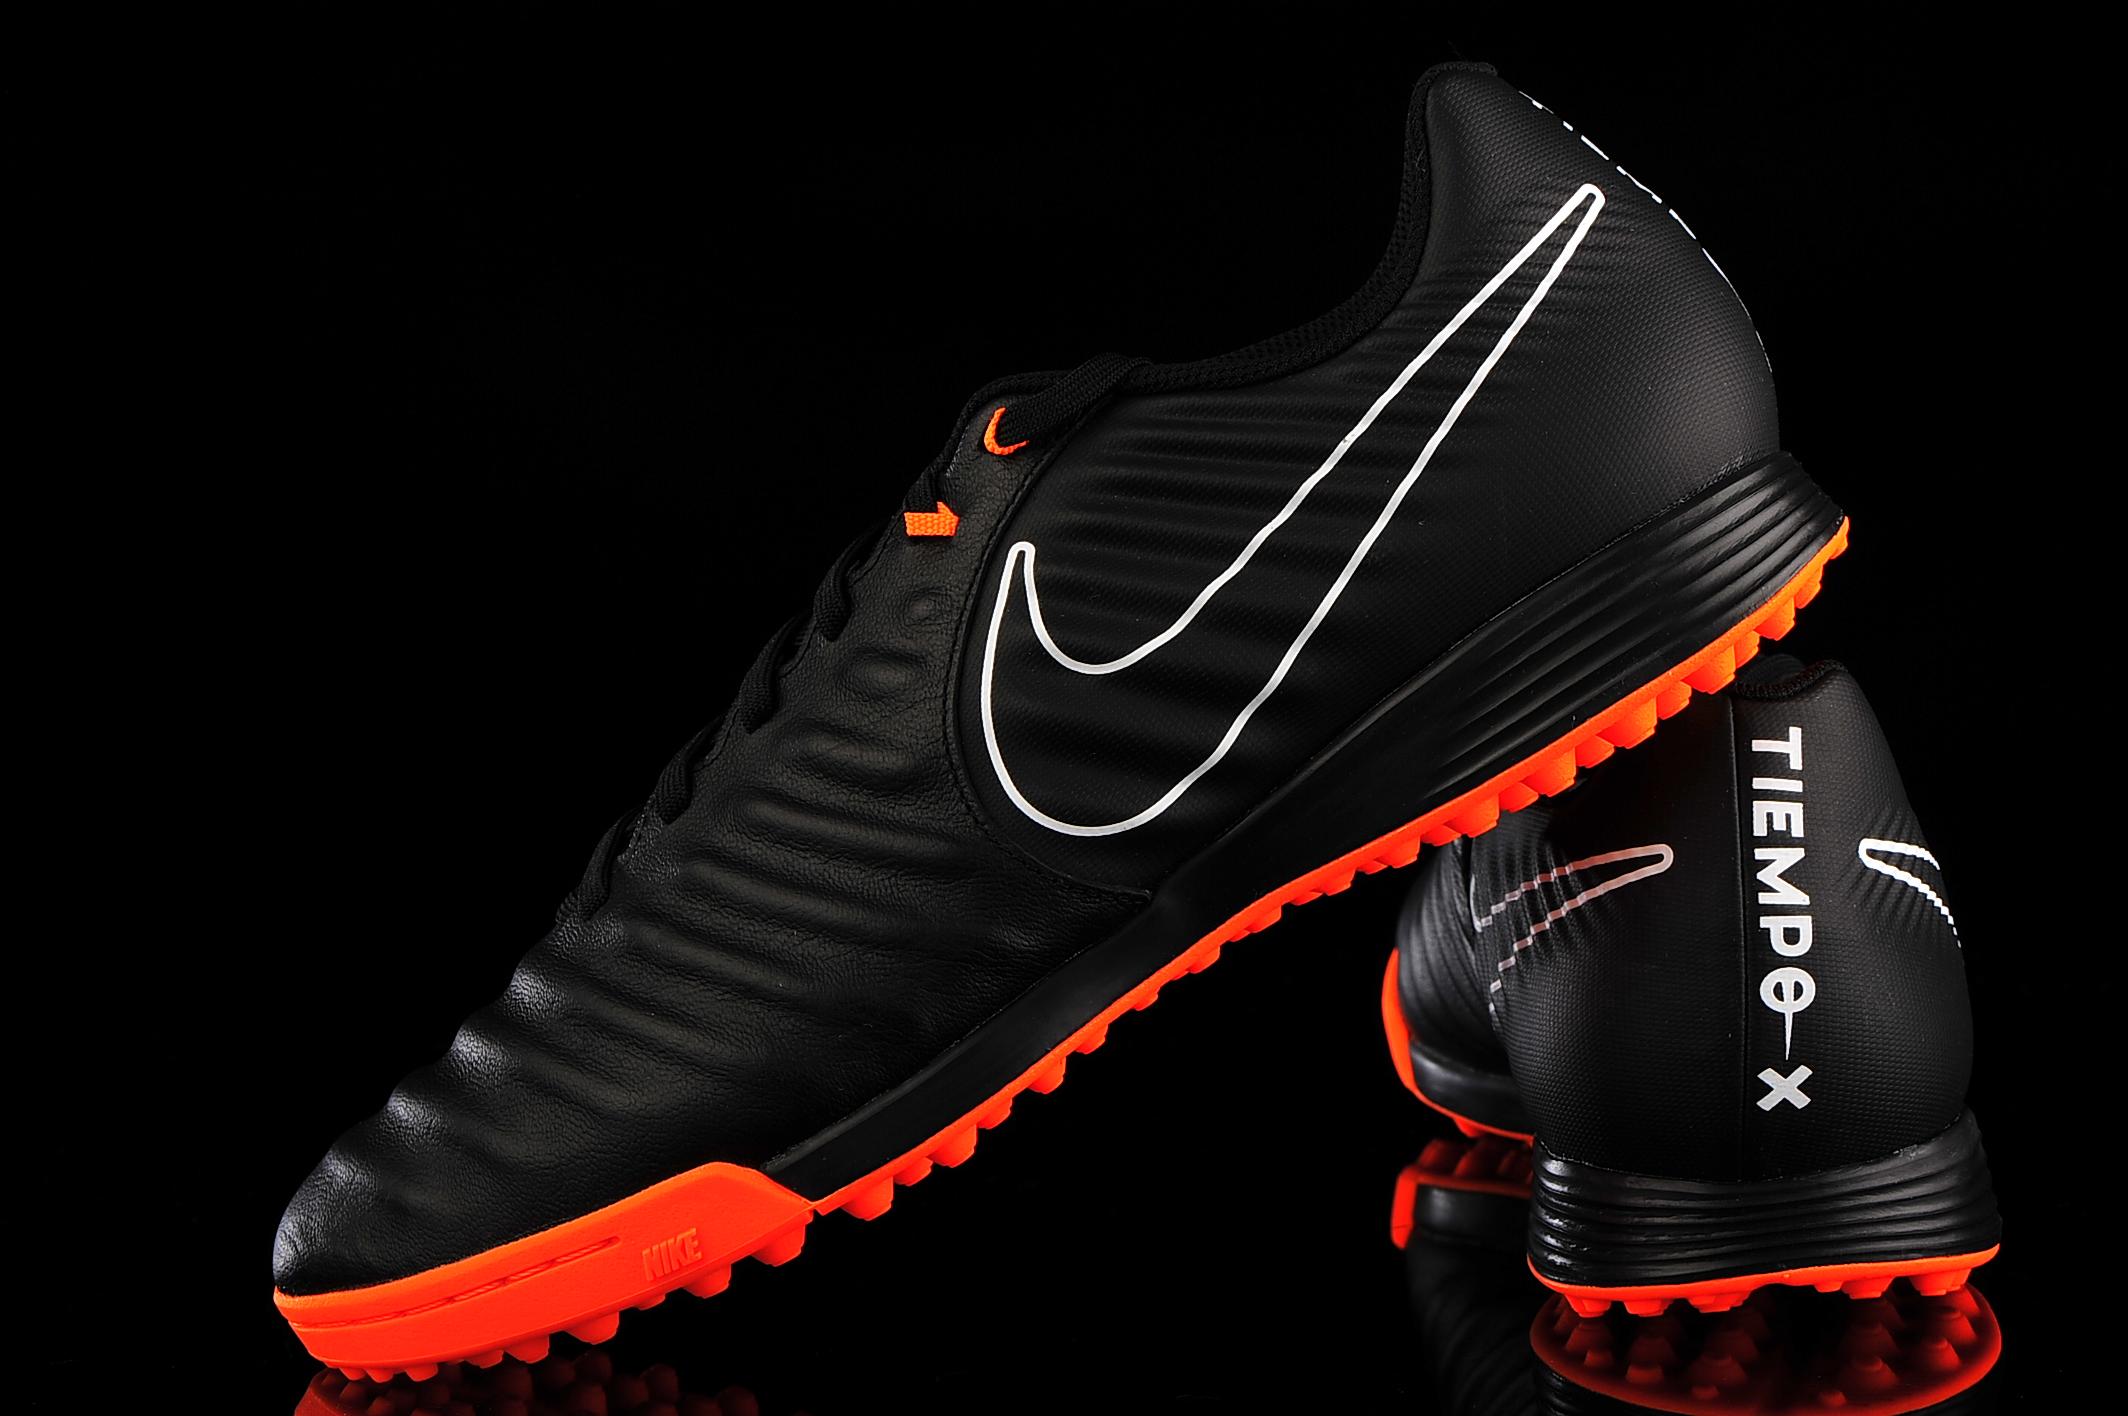 Regeneración raya papelería  Nike TiempoX Legend 7 Academy TF | R-GOL.com - Football boots & equipment